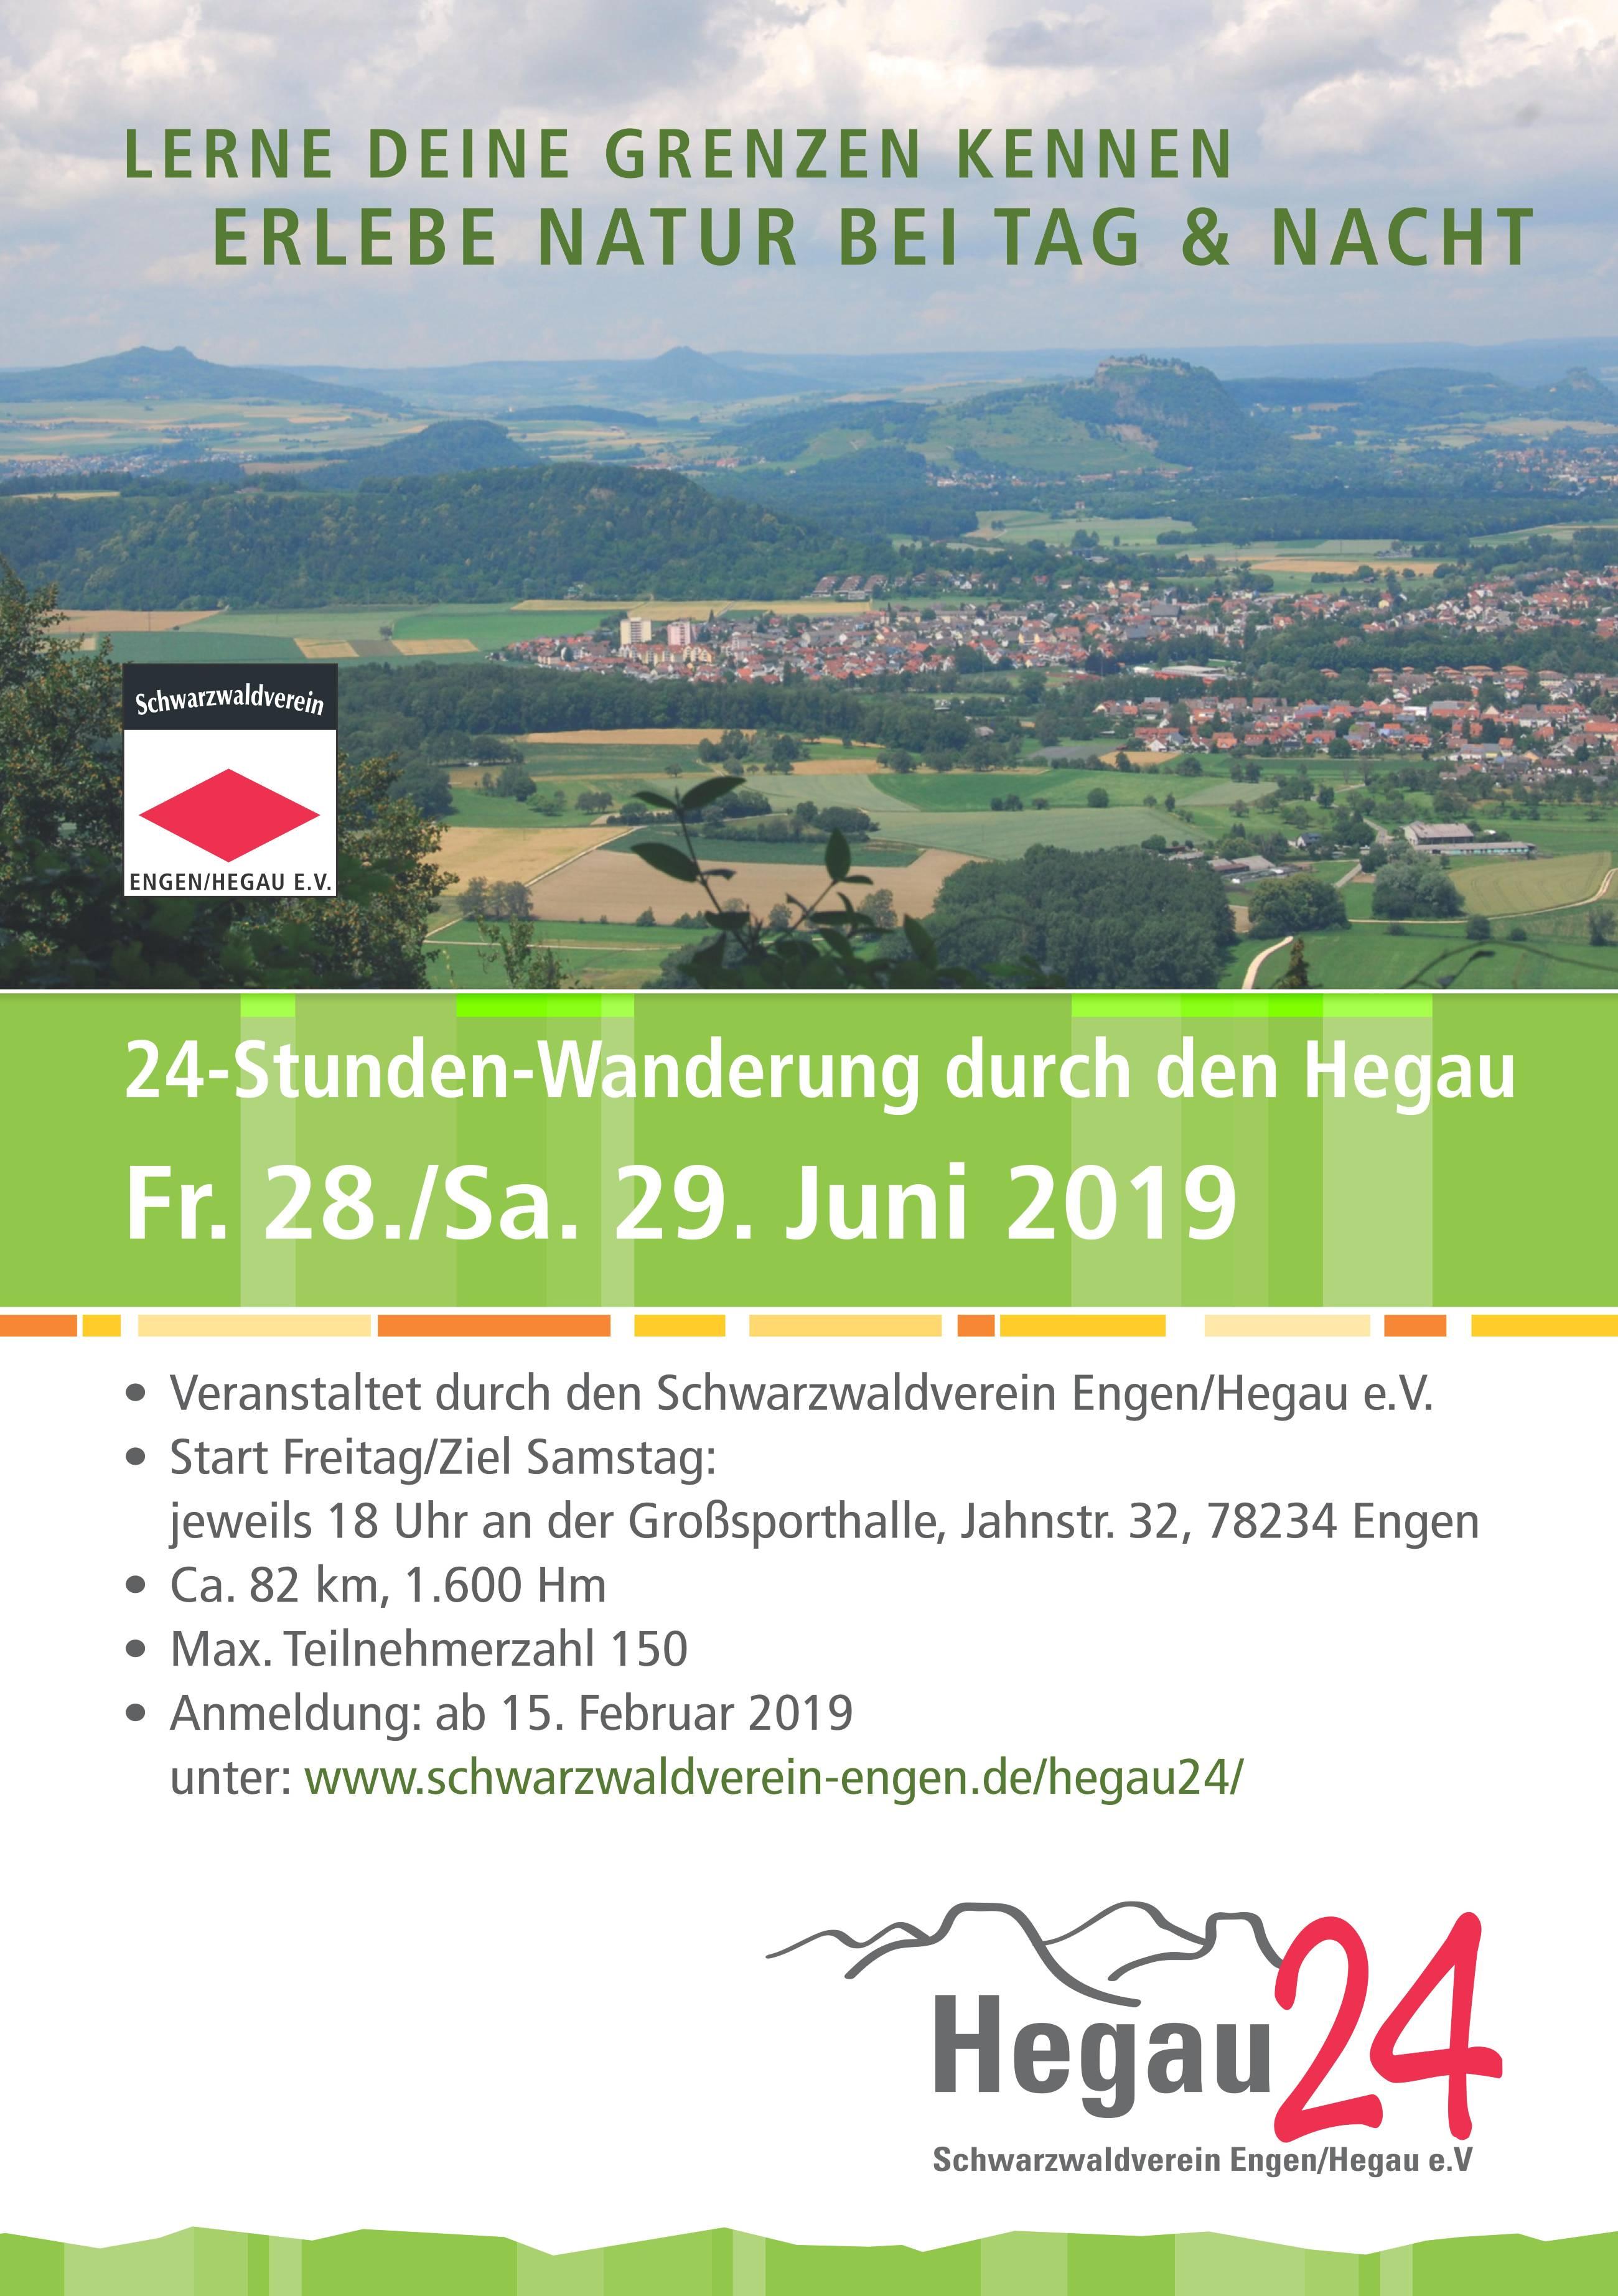 Hegau24 - Die 24h Wanderung im Hegau 1